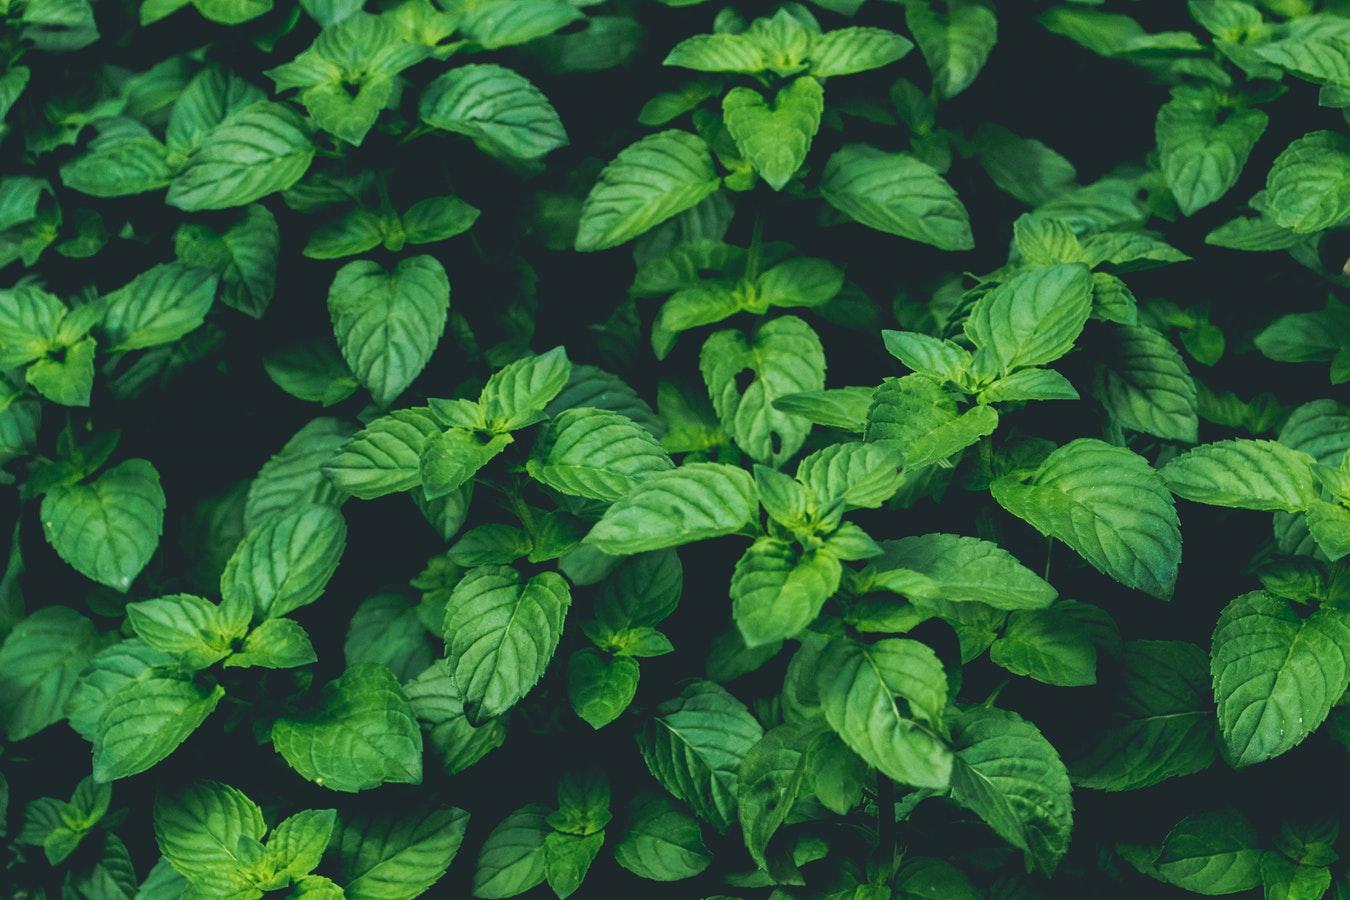 La menthe poivrée : une huile essentielle aux multiples fonctions